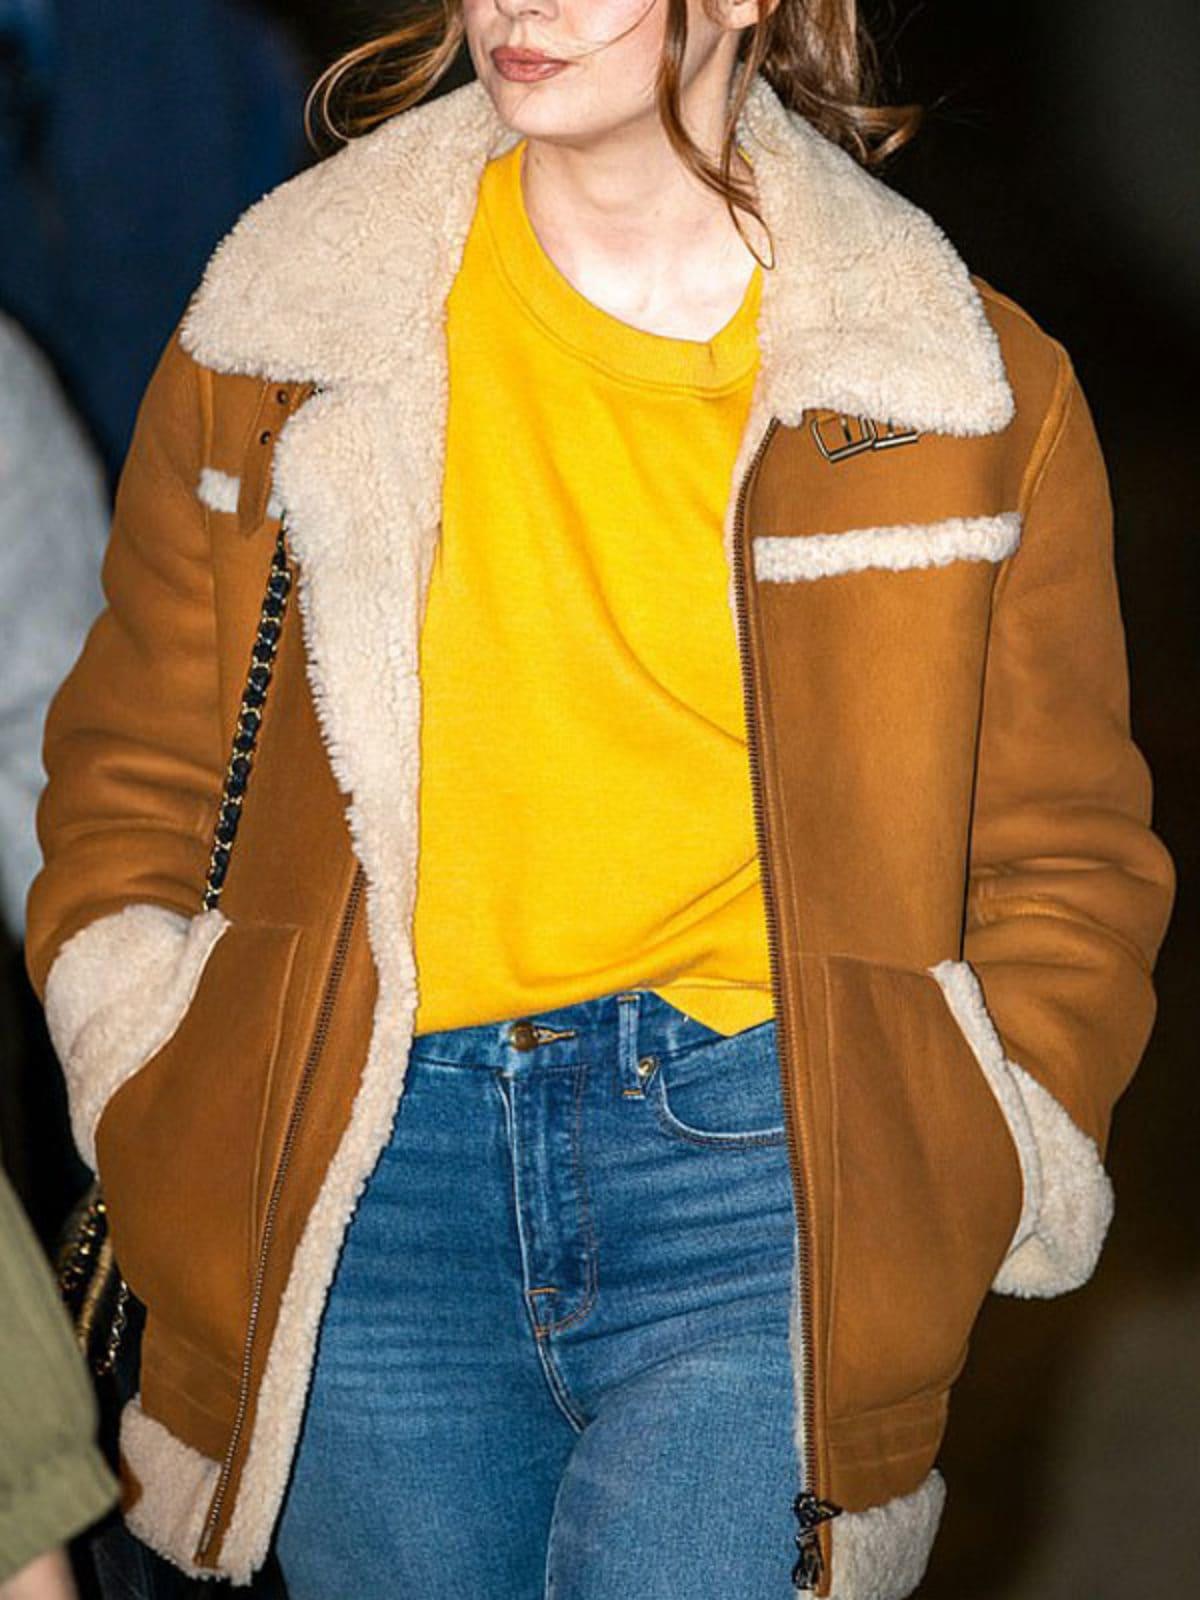 Elegant Karen Gillan Sheepskin Shearling Leather Jacket Coat